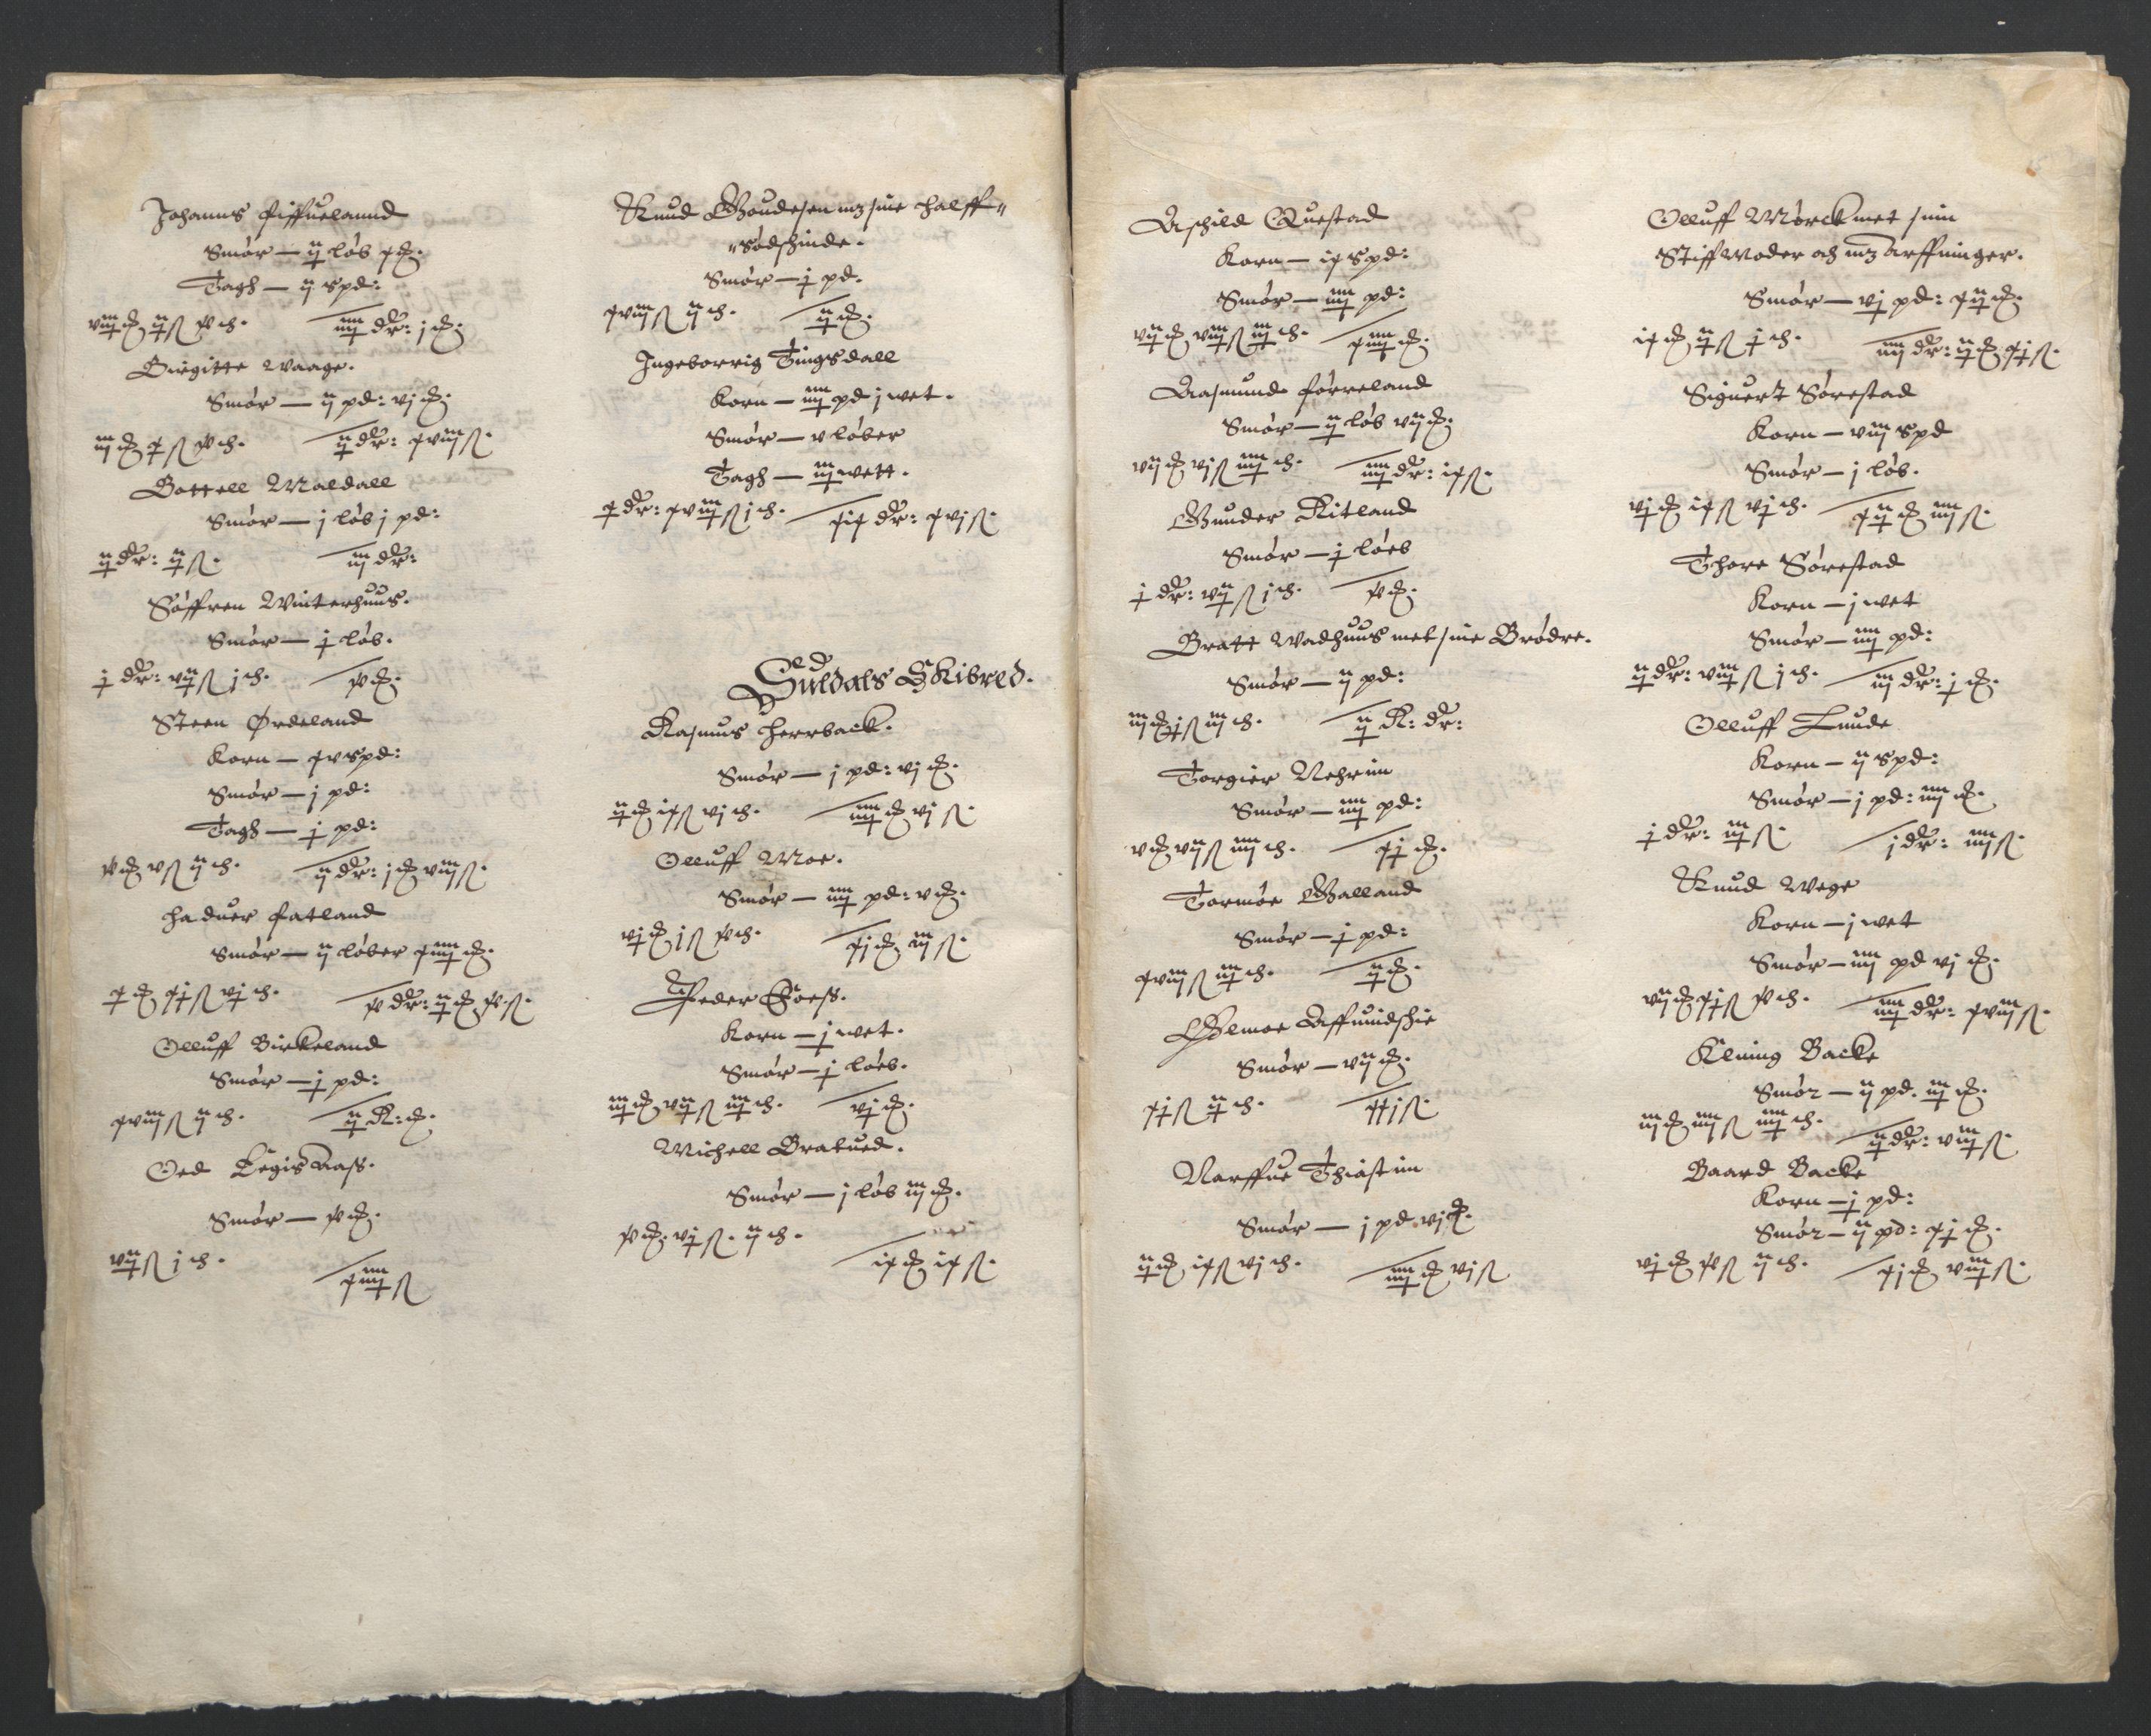 RA, Stattholderembetet 1572-1771, Ek/L0010: Jordebøker til utlikning av rosstjeneste 1624-1626:, 1624-1626, s. 80